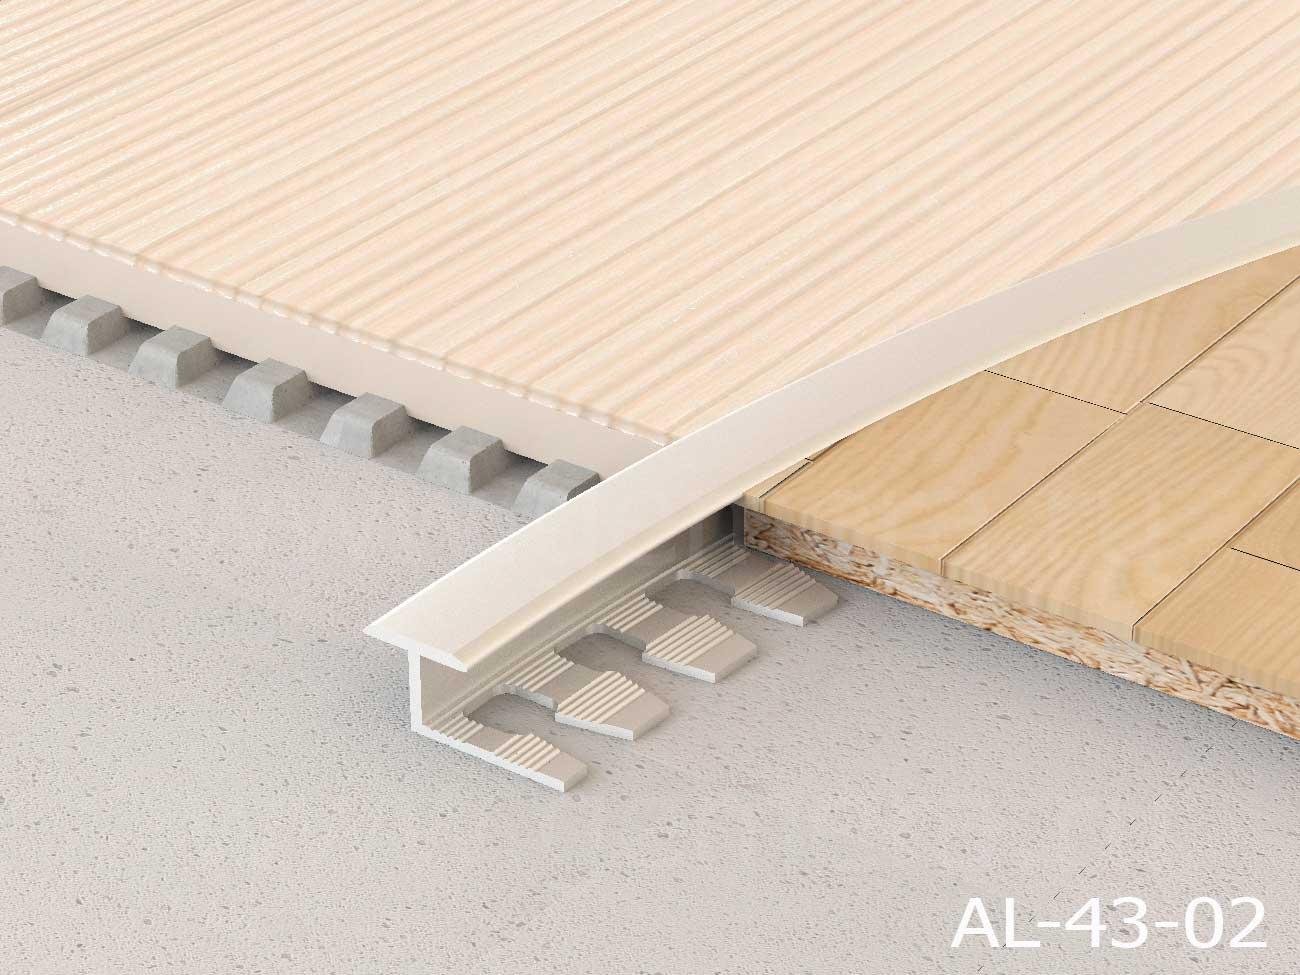 Т-профиль гибкий закругленный алюминиевый Butun AL-43-00